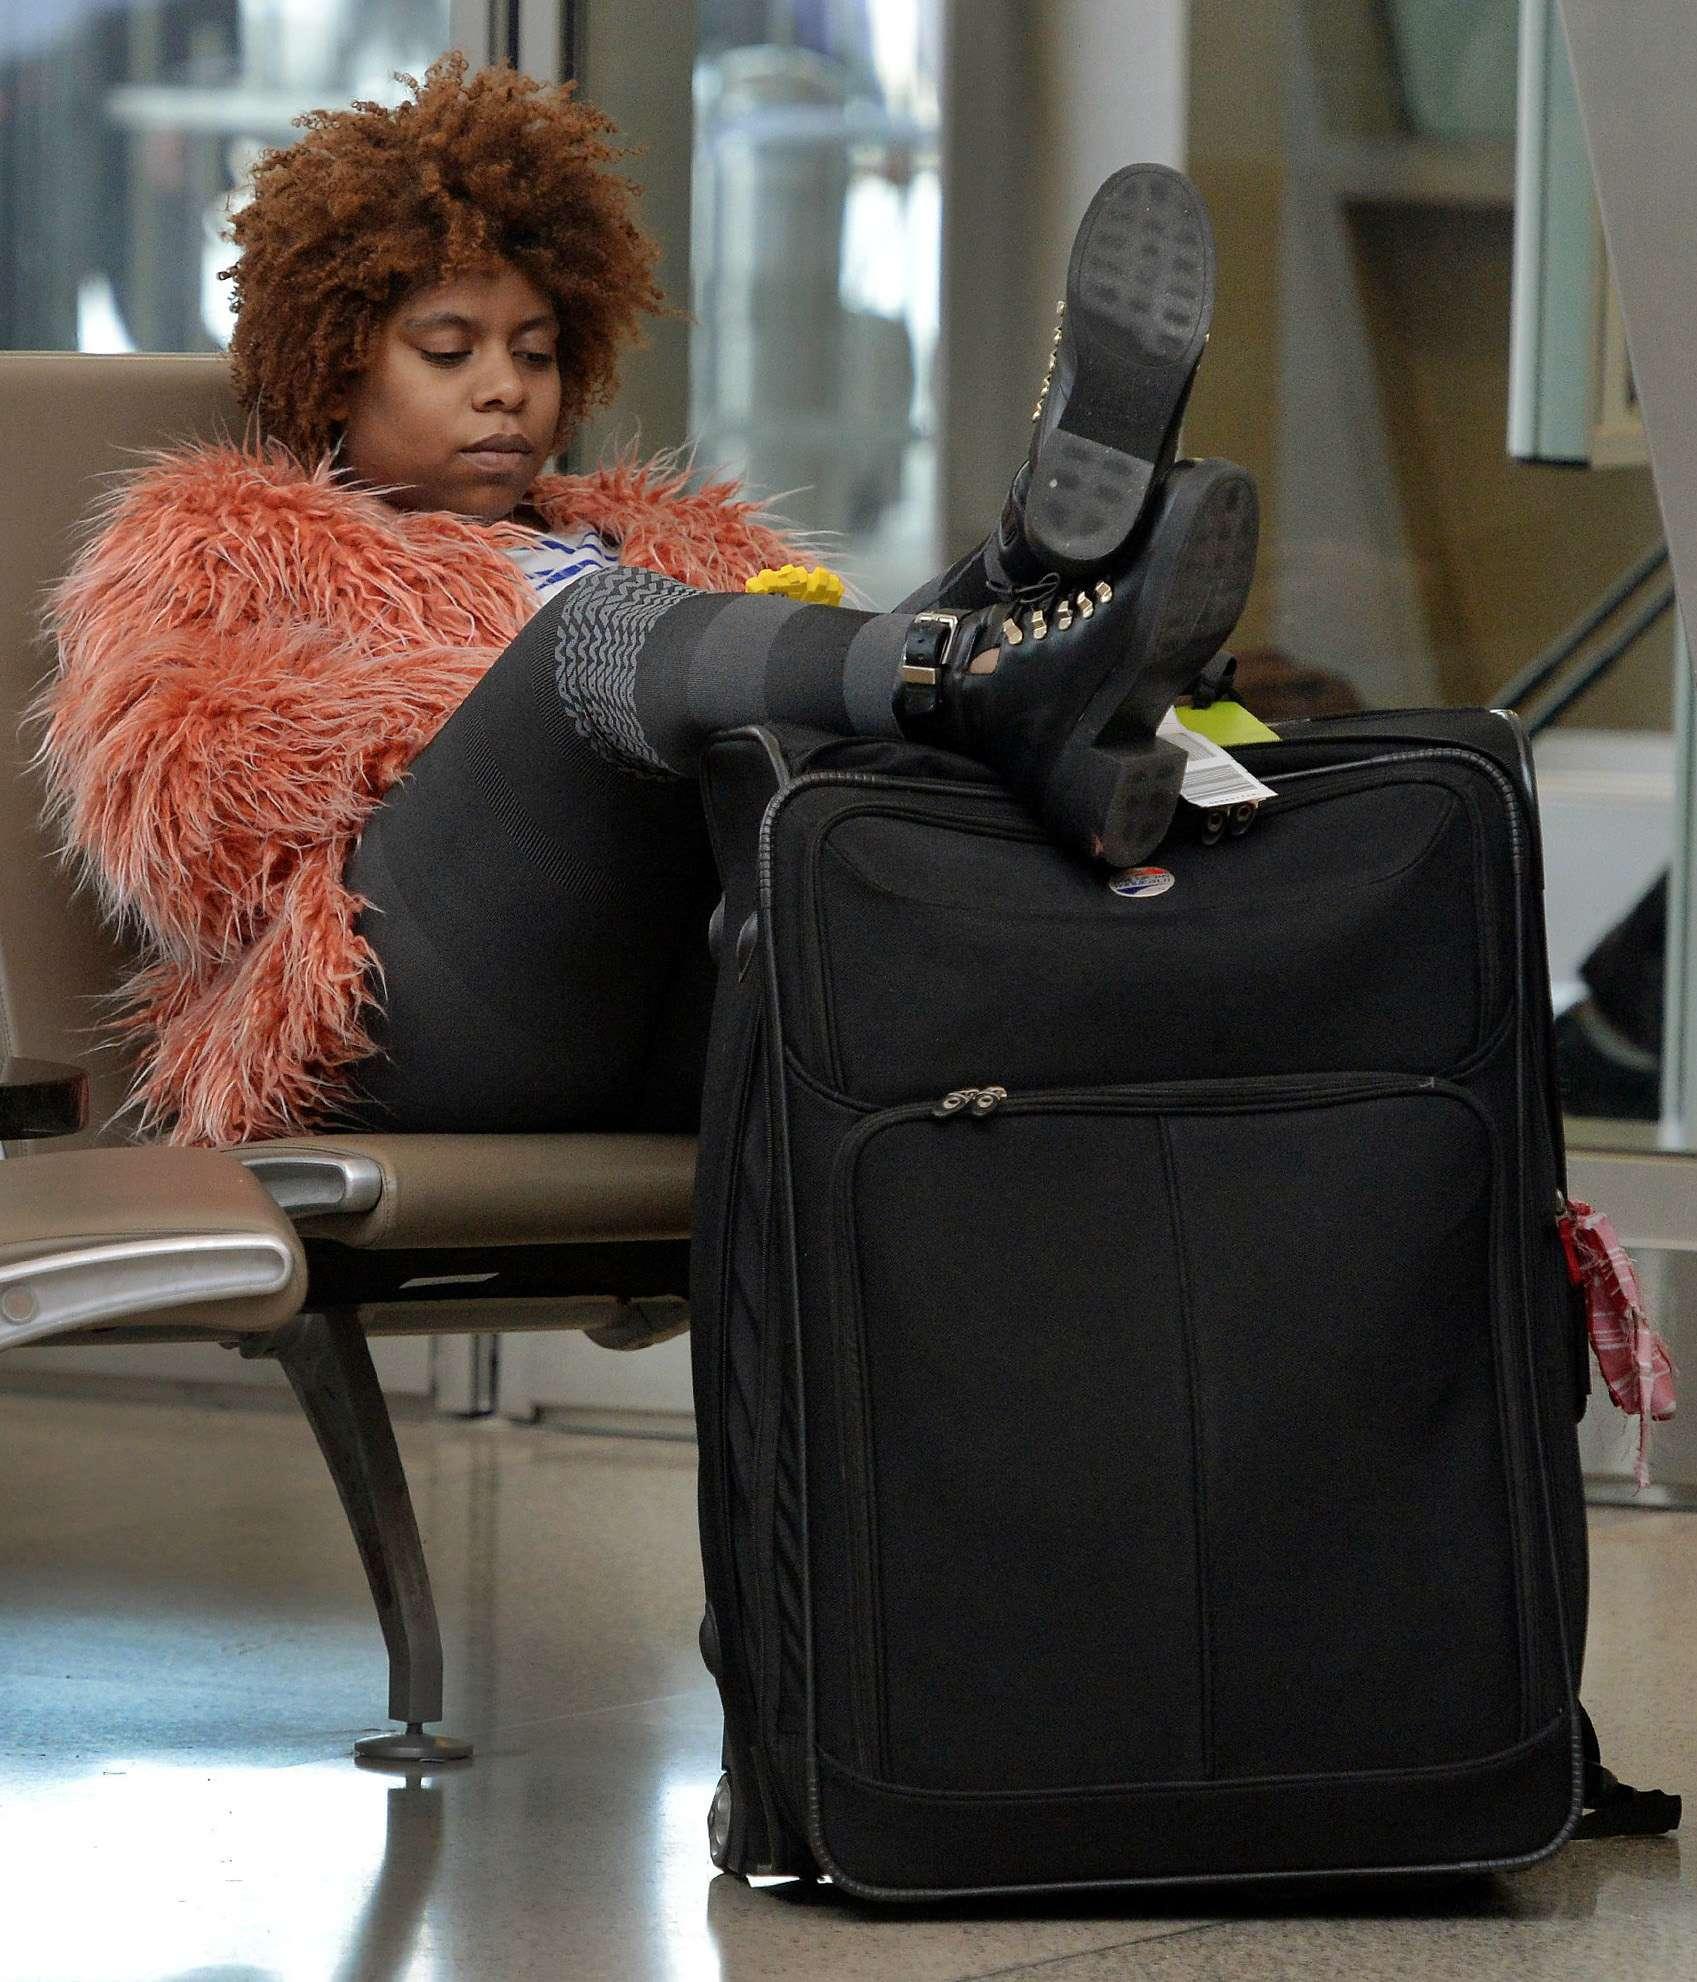 Scarlett Newman, de 24 años, espera pacientemente a que llegue el vuelo de su madre en el aeropuerto internacional de Raleigh-Durham, el 23 de diciembre de 2014, en Durham, Carolina del Norte. Foto: AP en español